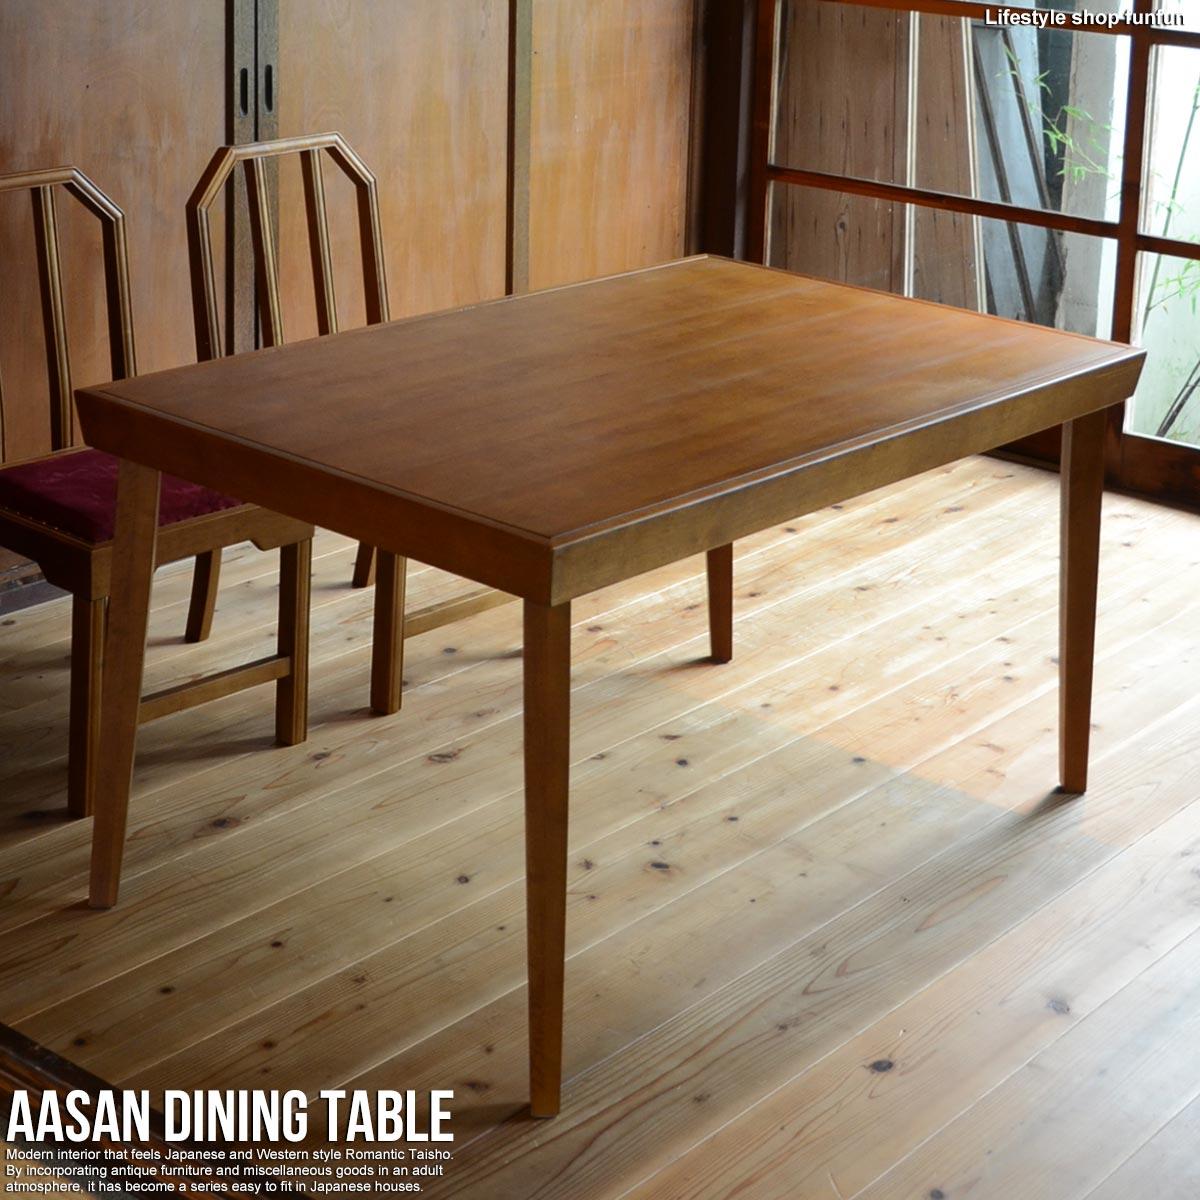 【全品5倍&クーポン】【あす楽】AASAN(アッサン) ダイニングテーブル 幅122cm 古民家カフェ 畳部屋 洋室 和室 テーブル アンティーク風